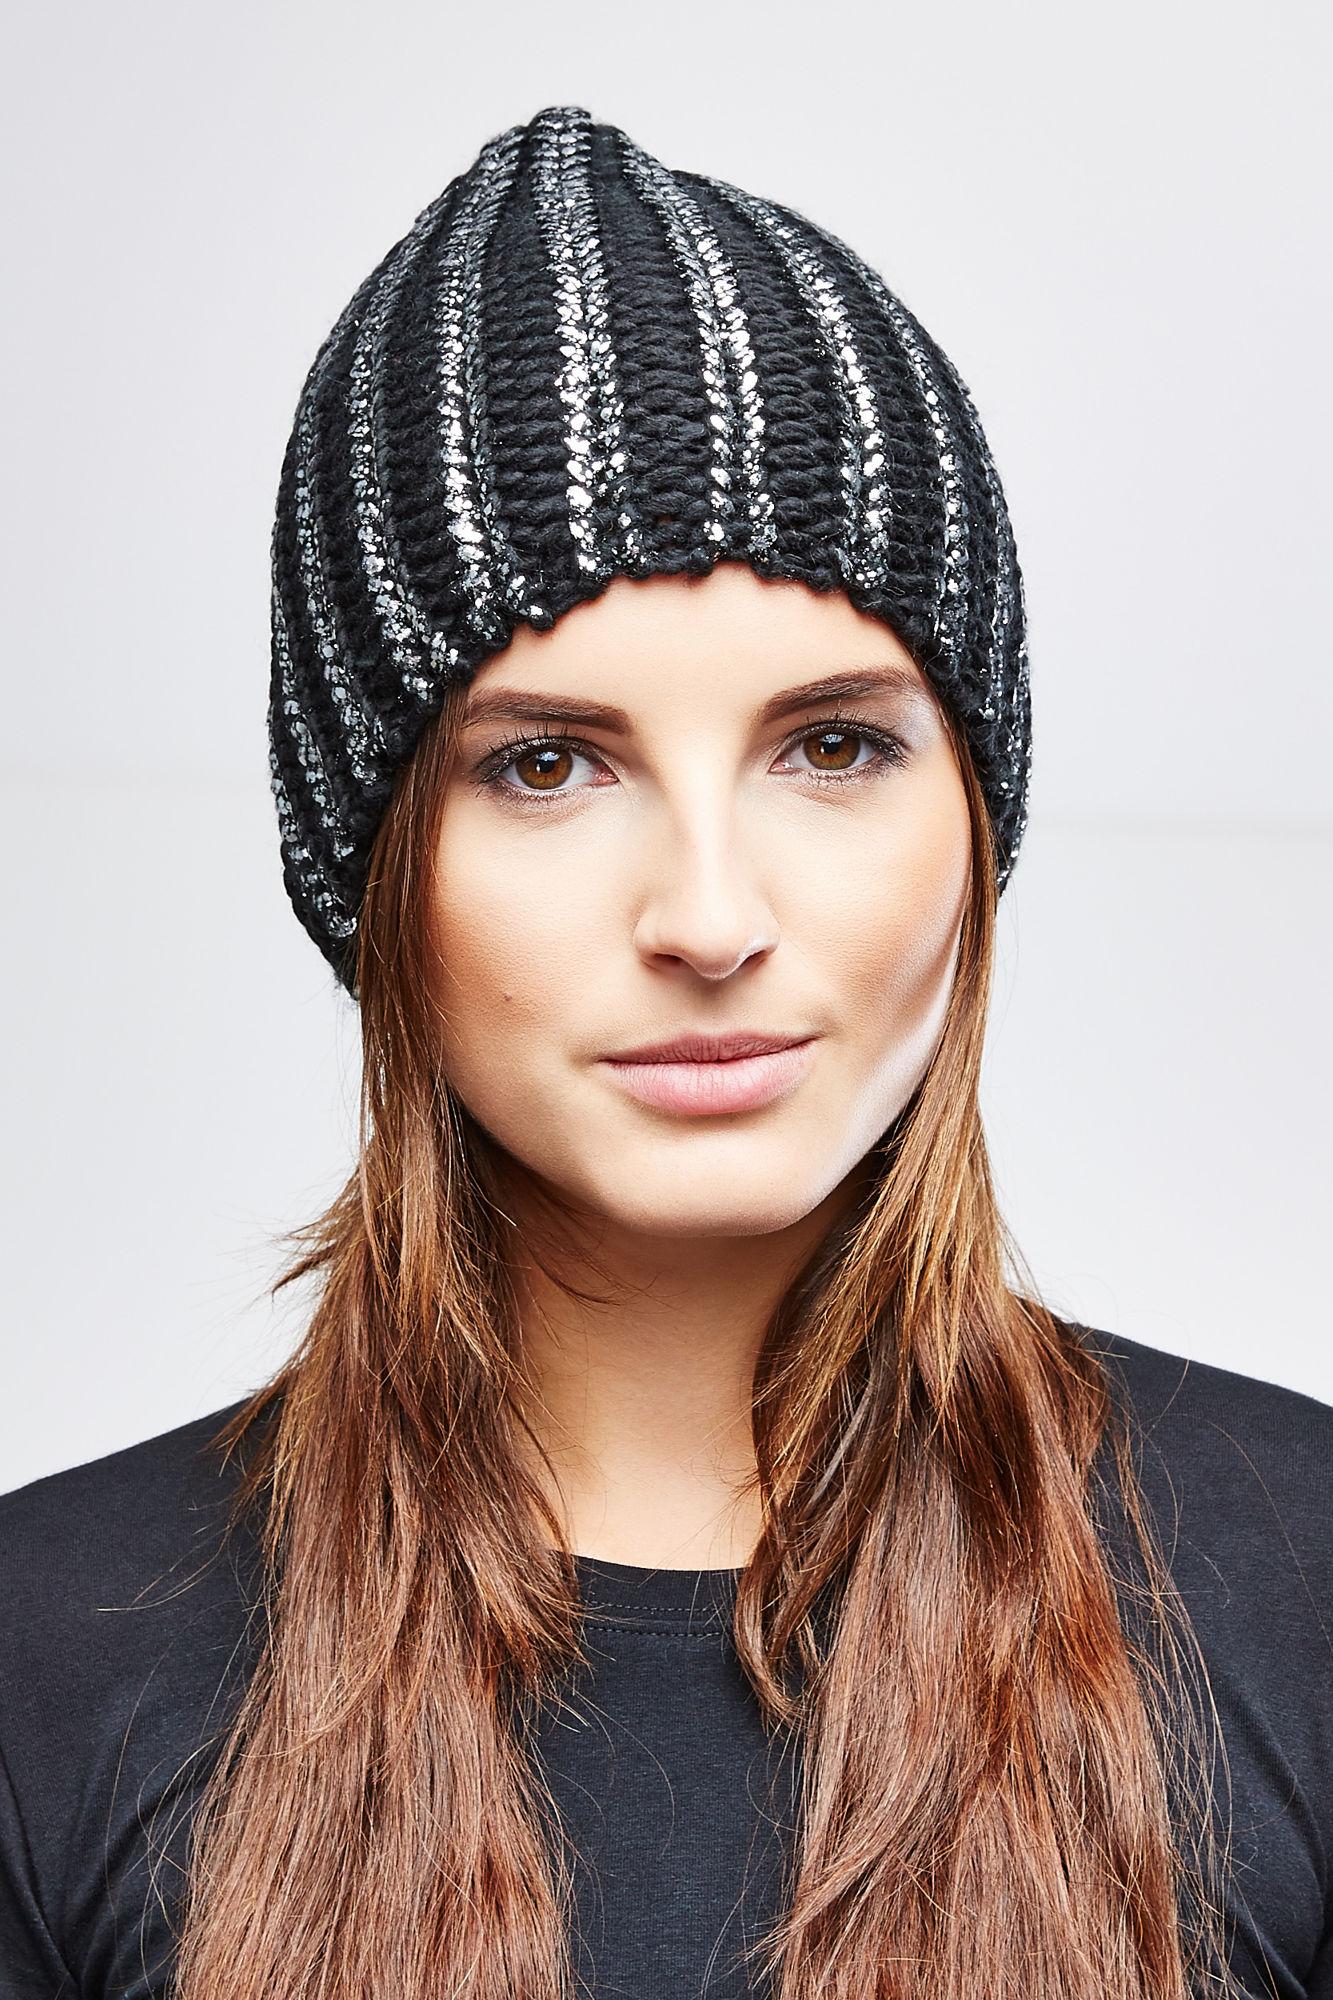 Шапка женская. Z-CZ-1812Z-CZ-1812_BEIGEВязаная женская шапка Moodo станет отличным вариантом для прохладной погоды. Модель изготовлена из акрила, она очень мягкая и приятная на ощупь, максимально сохраняет тепло. Благодаря крупной эластичной вязке, шапочка идеально прилегает к голове. Удлиненная модель шапки декорирована металлизированным напылением по всей поверхности. Такой стильный и теплый головной убор подчеркнет вашу индивидуальность и станет отличным дополнением к гардеробу!